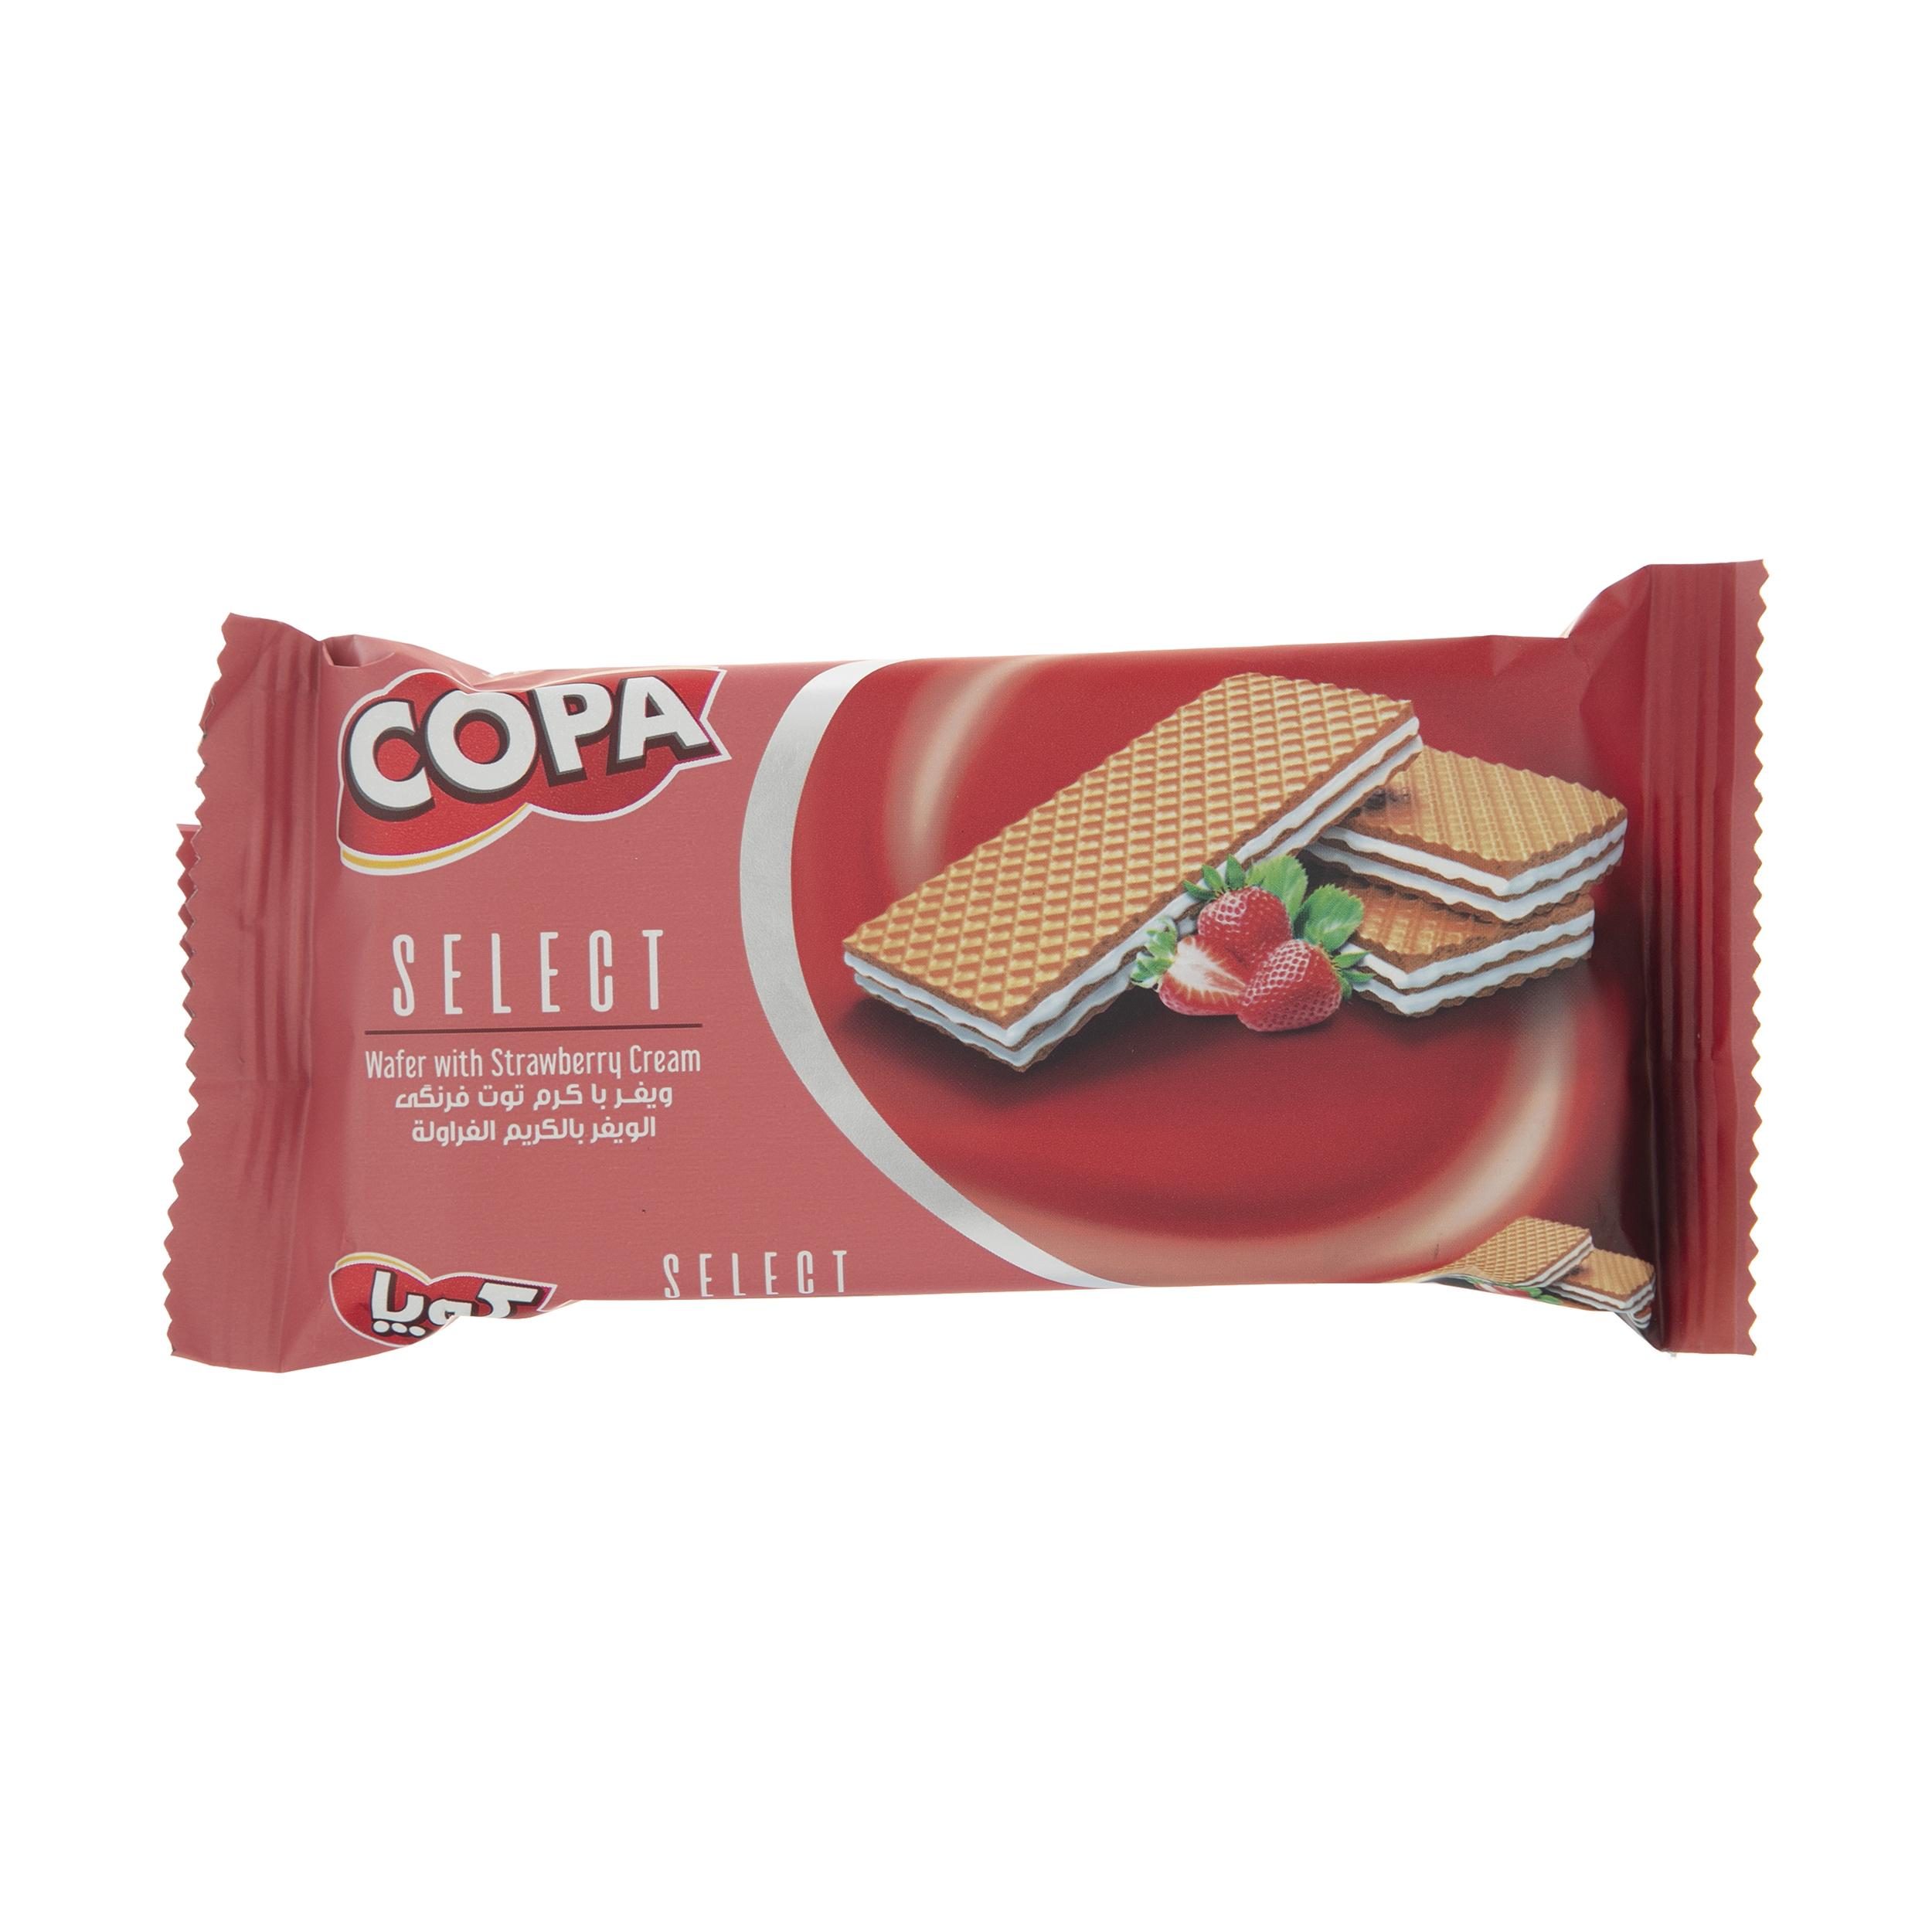 ویفر کرمی کوپا با طعم توت فرنگی  - 40 گرم